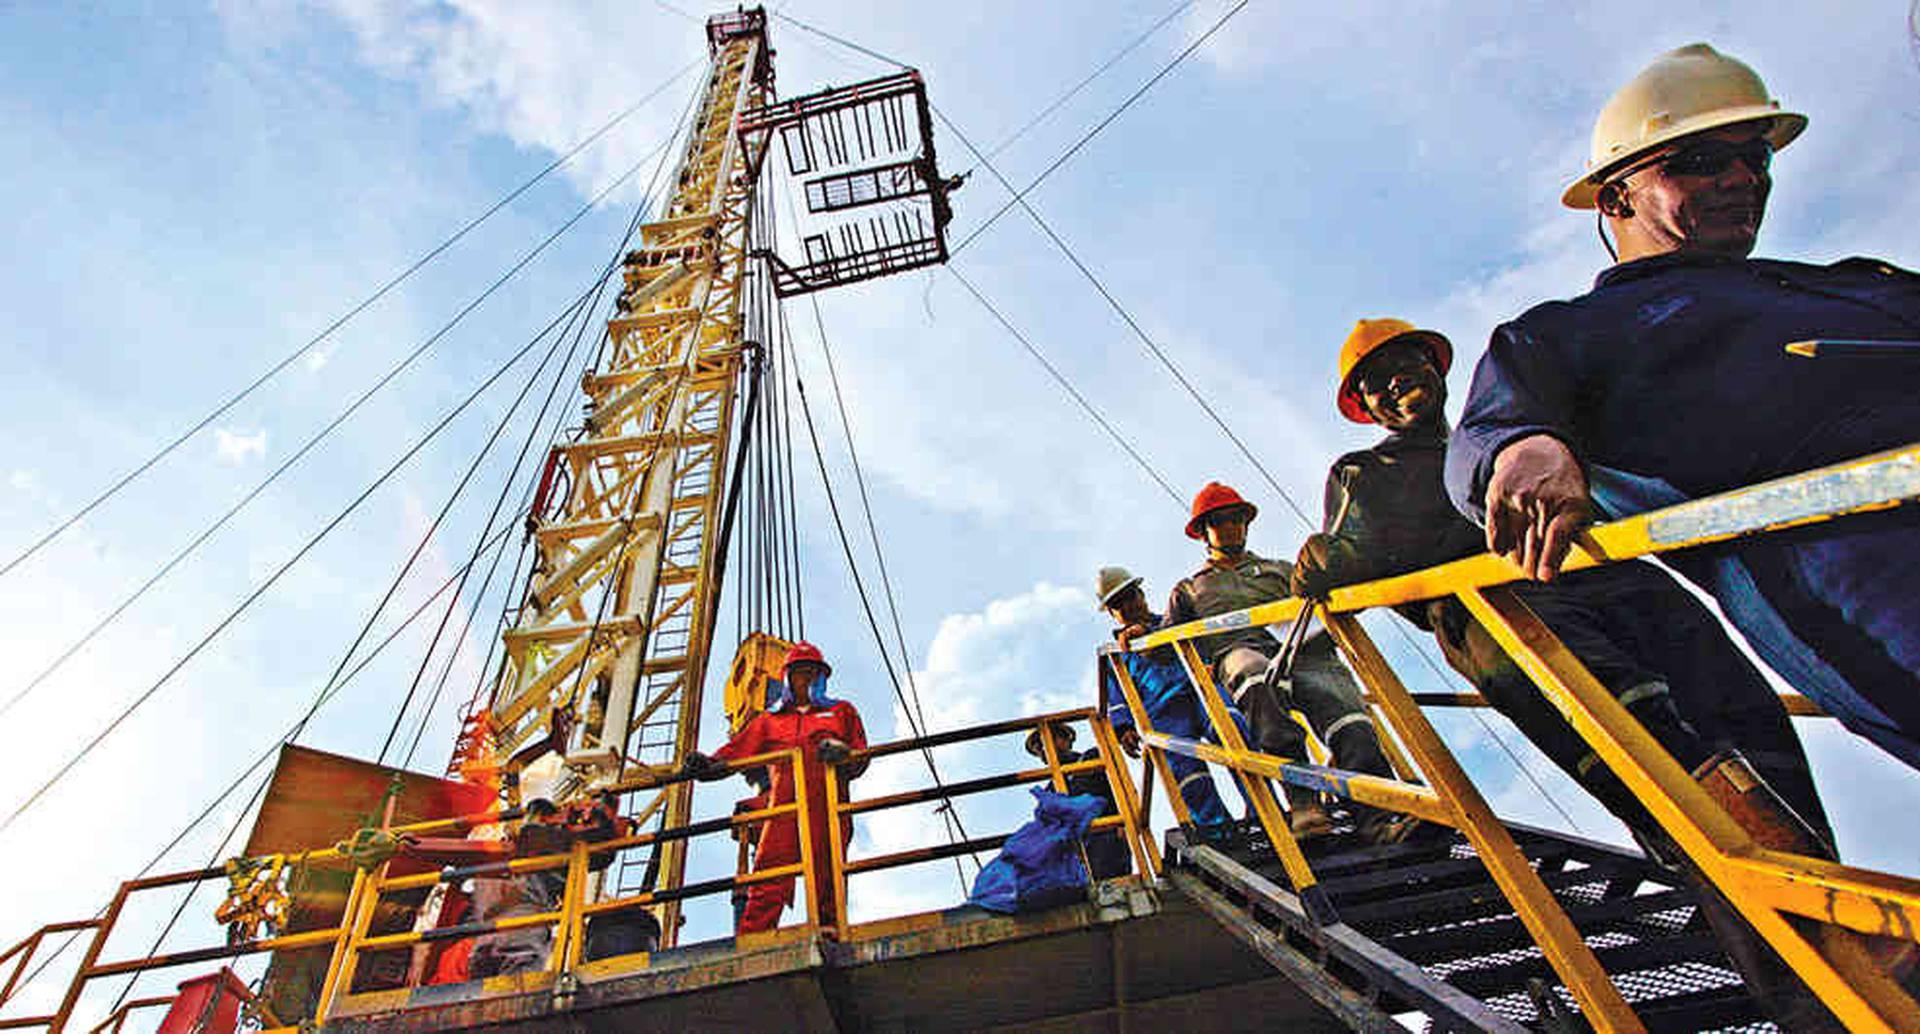 Los resultados de la petrolera colombiana superaron los de sus pares. Pero este año su presidente, Felipe Bayón, deberá enfrentar la caída en los precios por temas como el coronavirus.